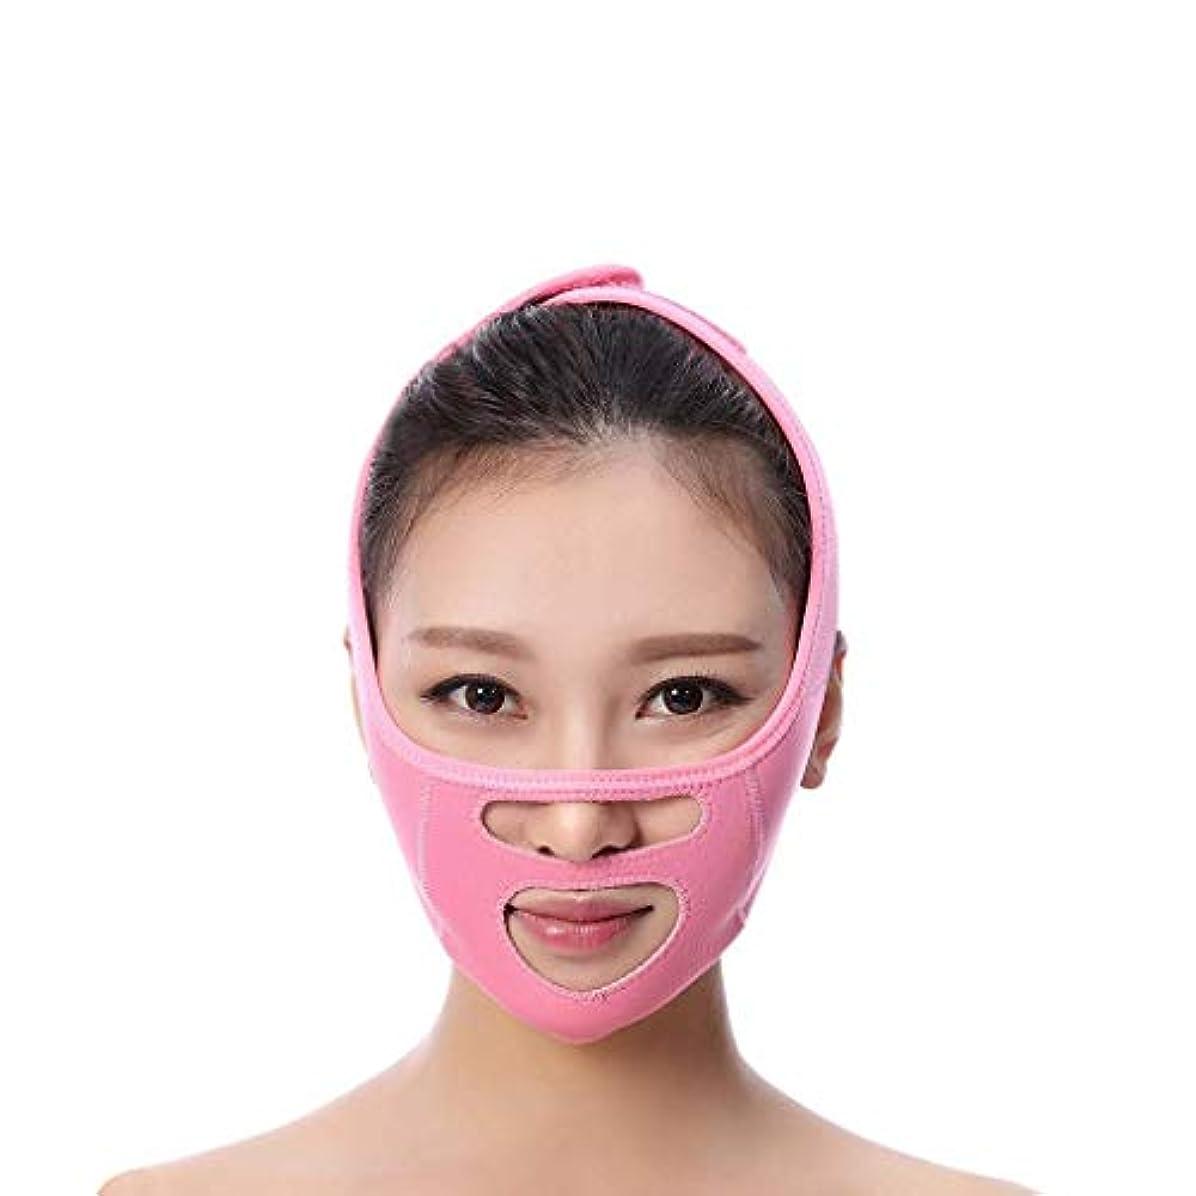 聖なるジェット魅力的であることへのアピールフェイスリフトテープ&バンド、フェイススリミングマスク、ダブルチン、ダブルチンリデューサー、シワ防止マスク、リフティングシェイプ(フリーサイズ)(カラー:ピンク),ピンク